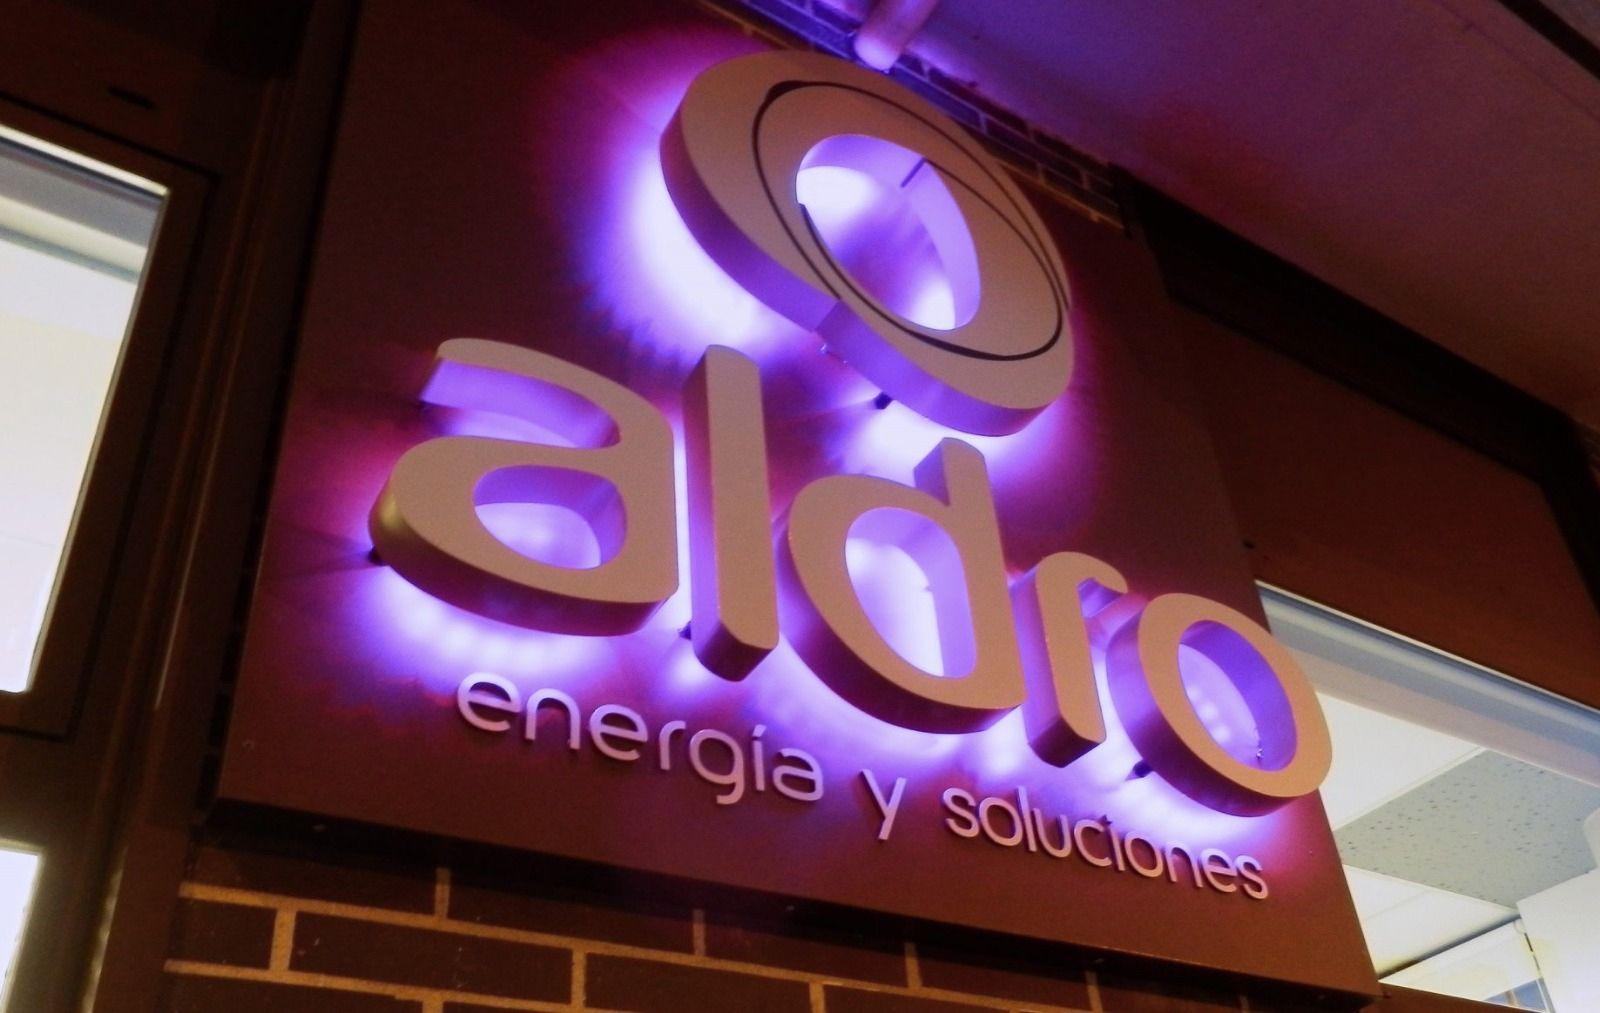 Fotografia Aldro Energía